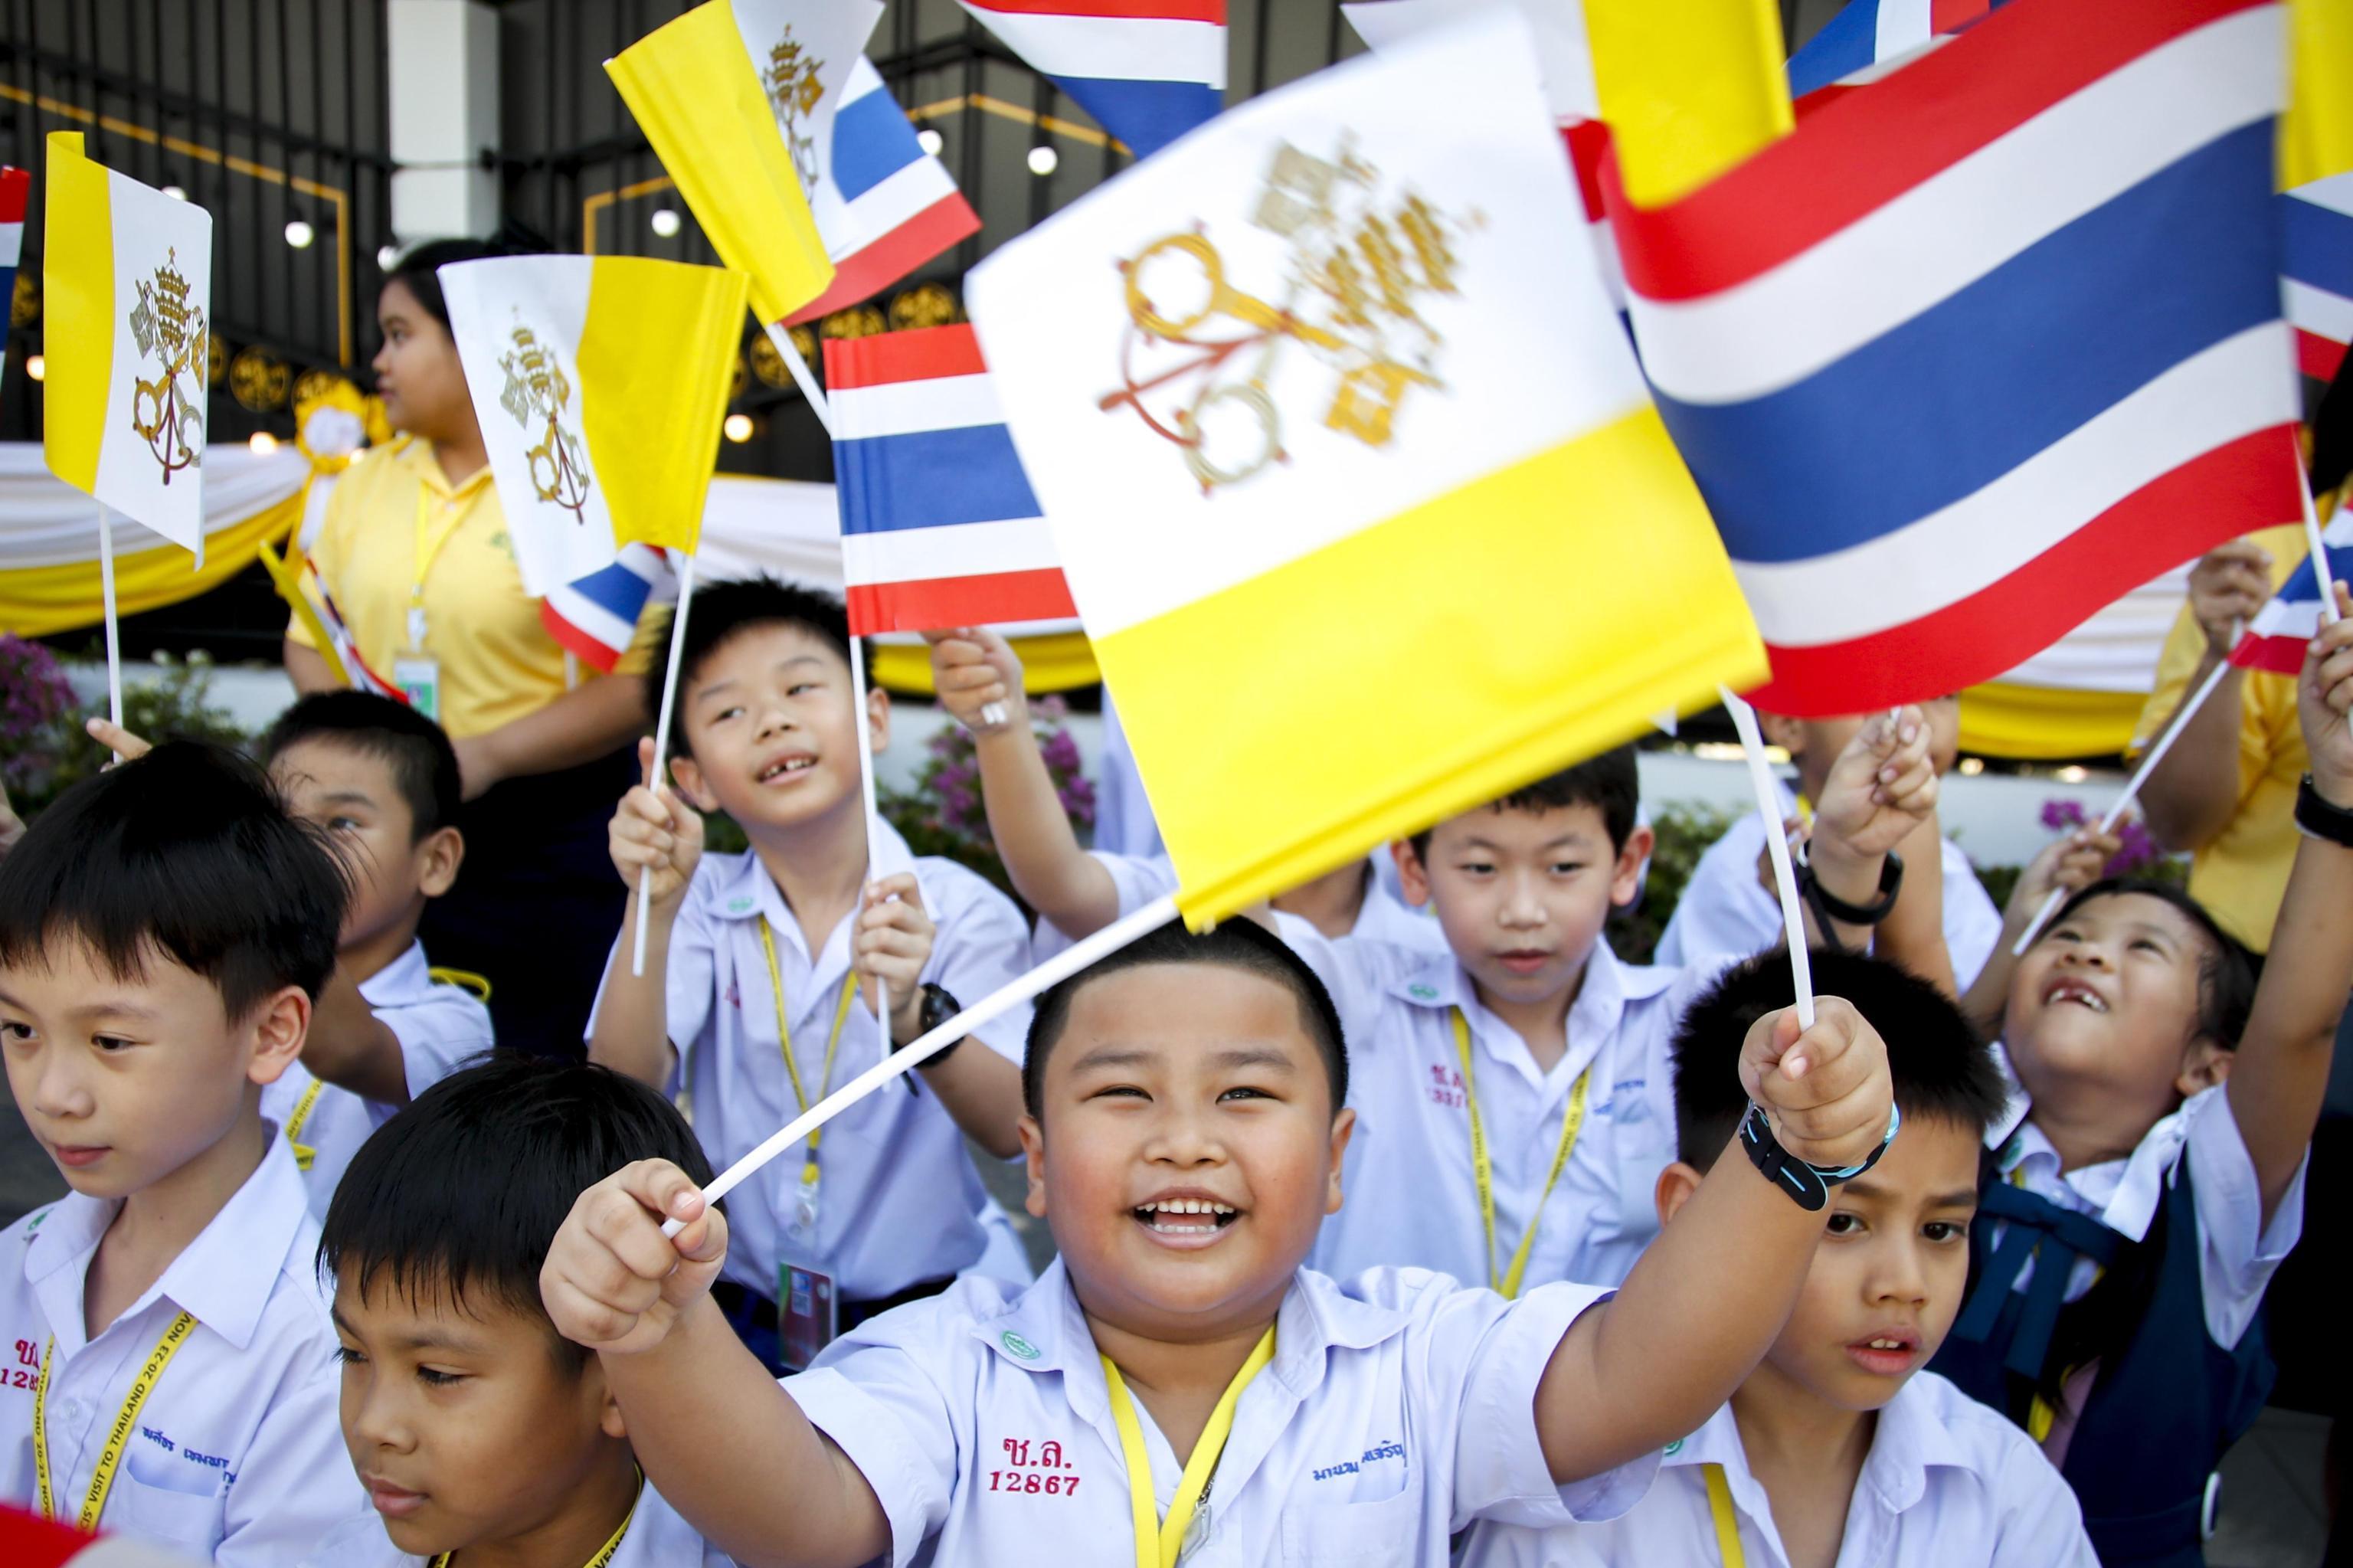 Bambini in festa accolgono il Santo Padre sventolando bandiere del Vaticano e della Thailandia